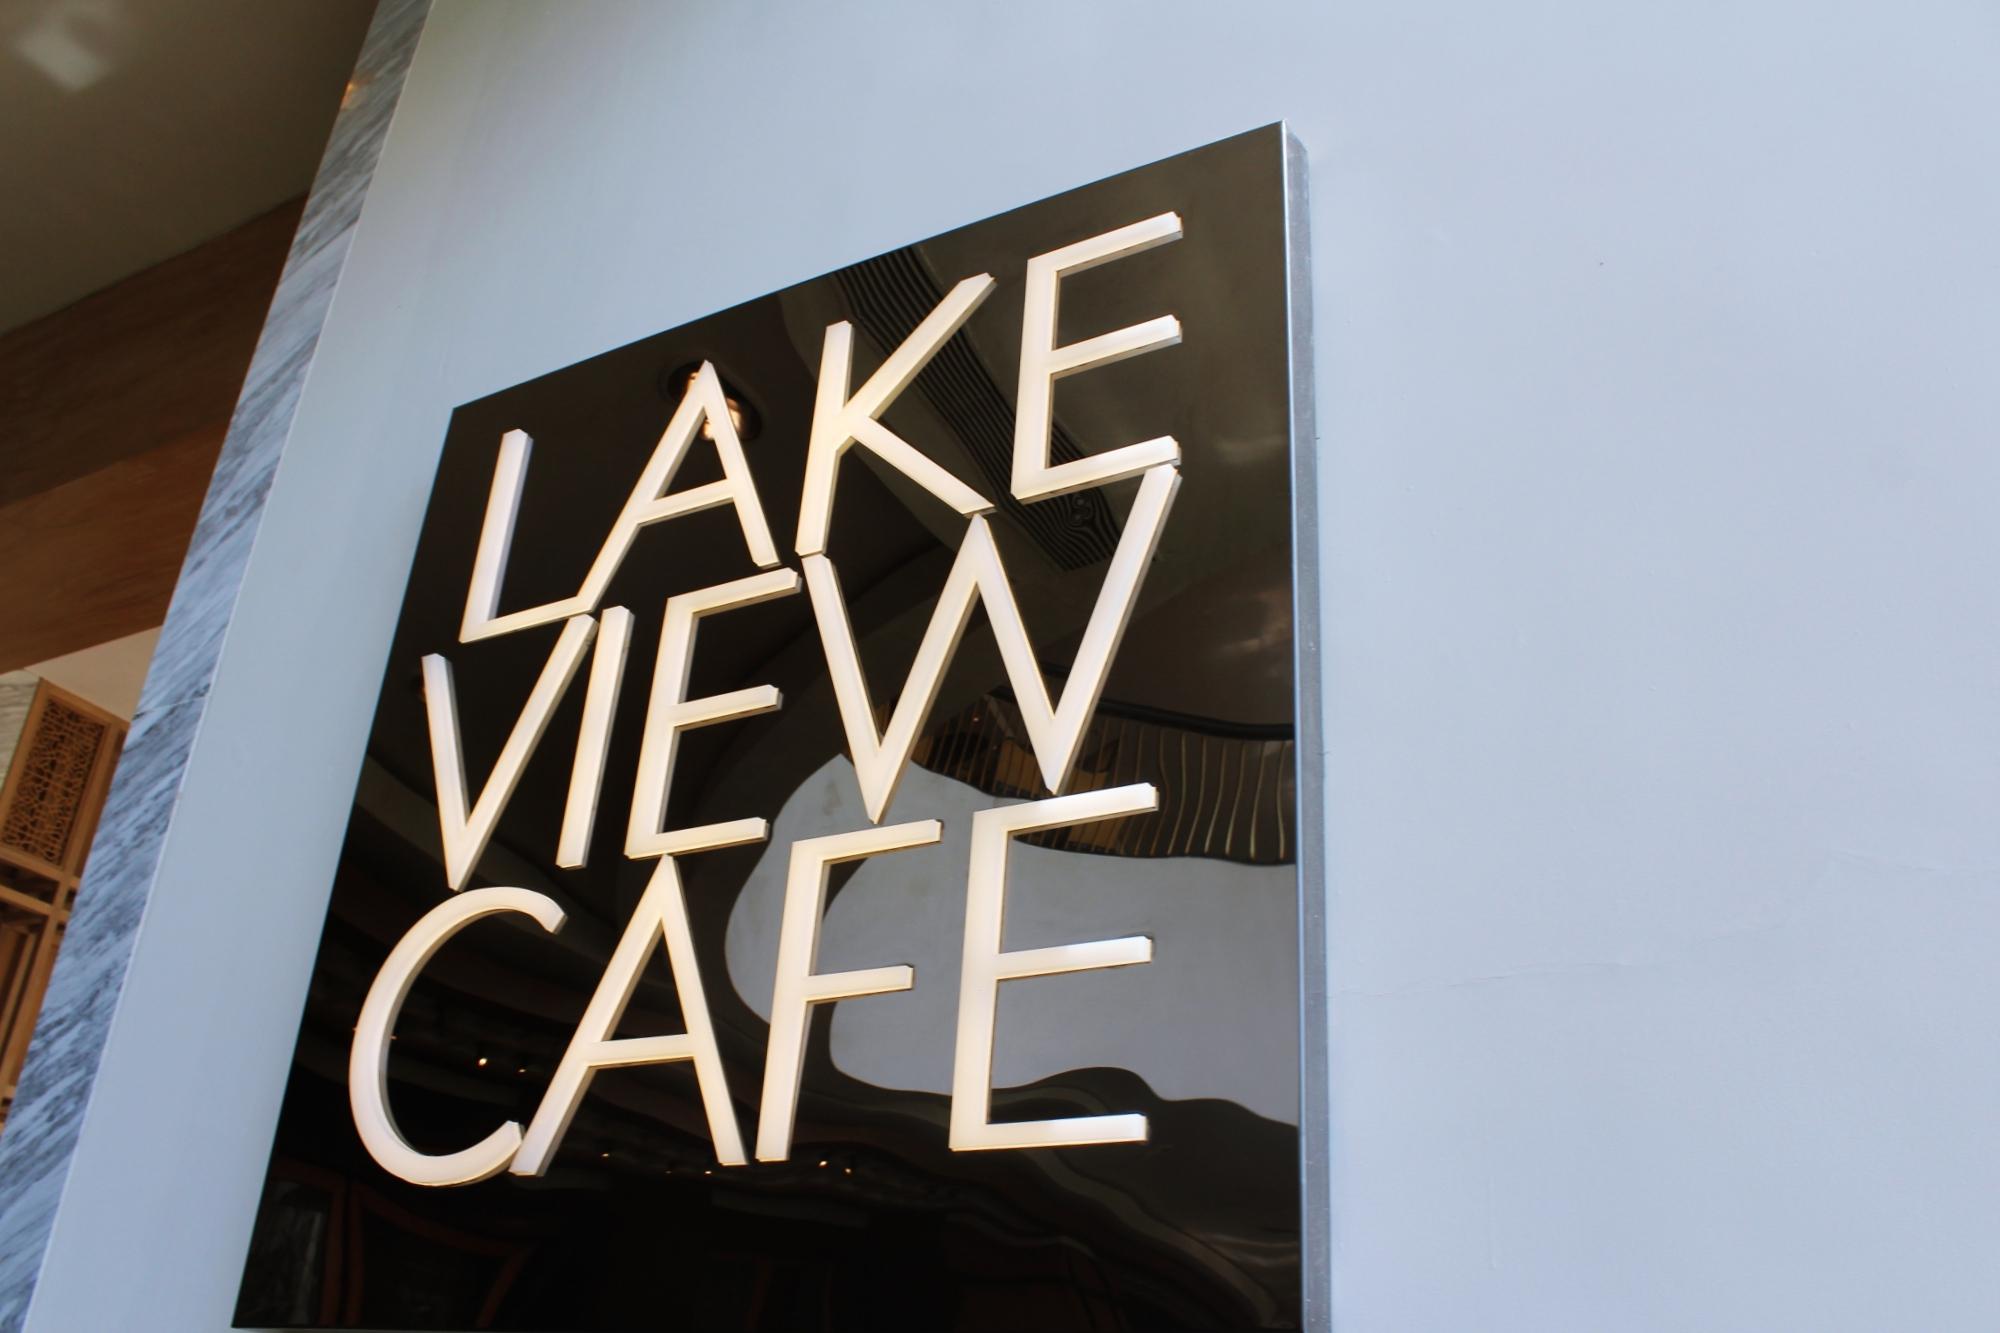 Lake View Cafe Mumbai